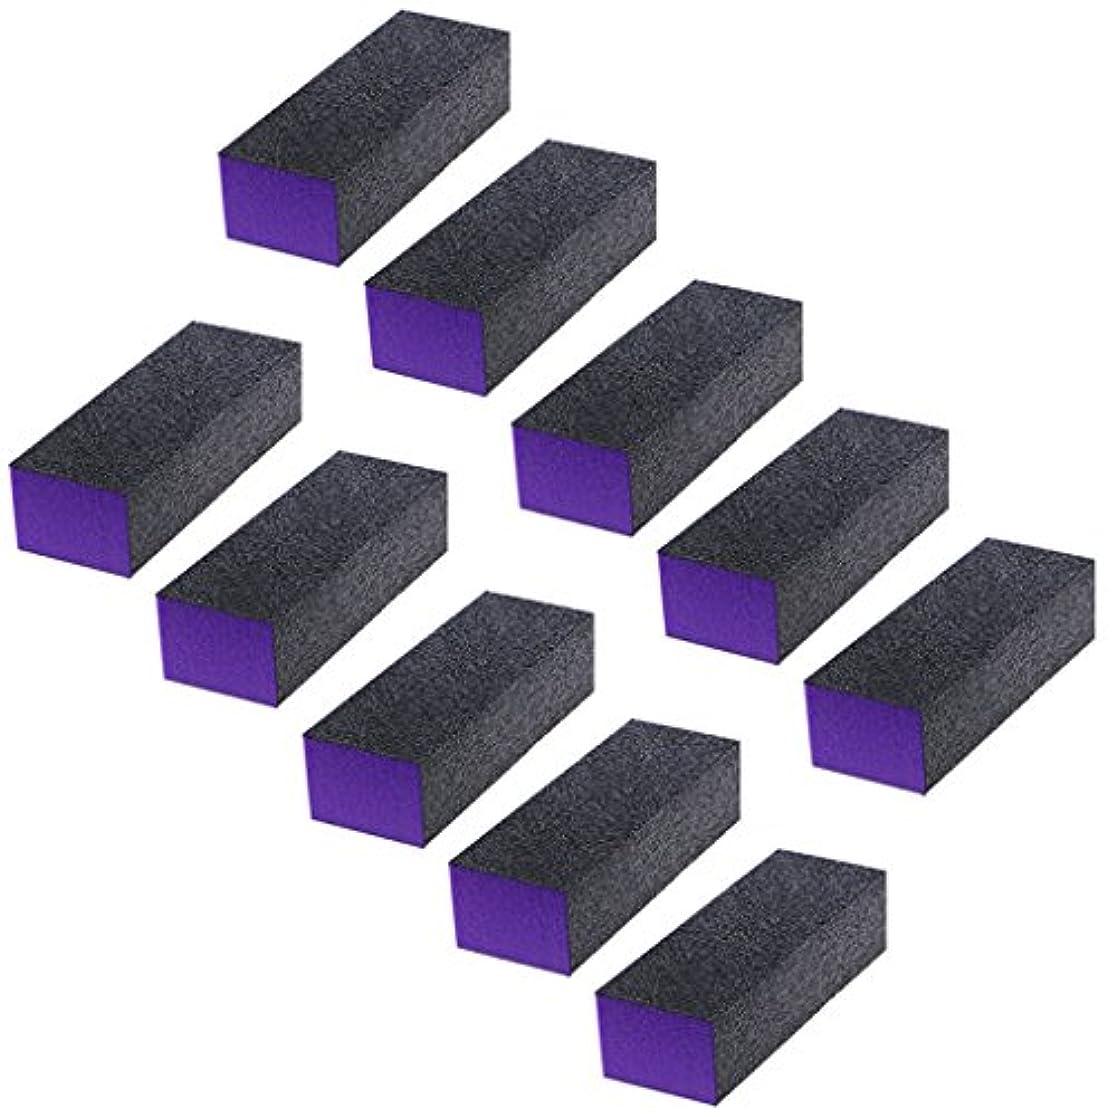 シンプルさの間に非行Sharring 10個黒紫アップロードバフ研磨サンディングブロックファイルグリットネイルアートツールセット [並行輸入品]